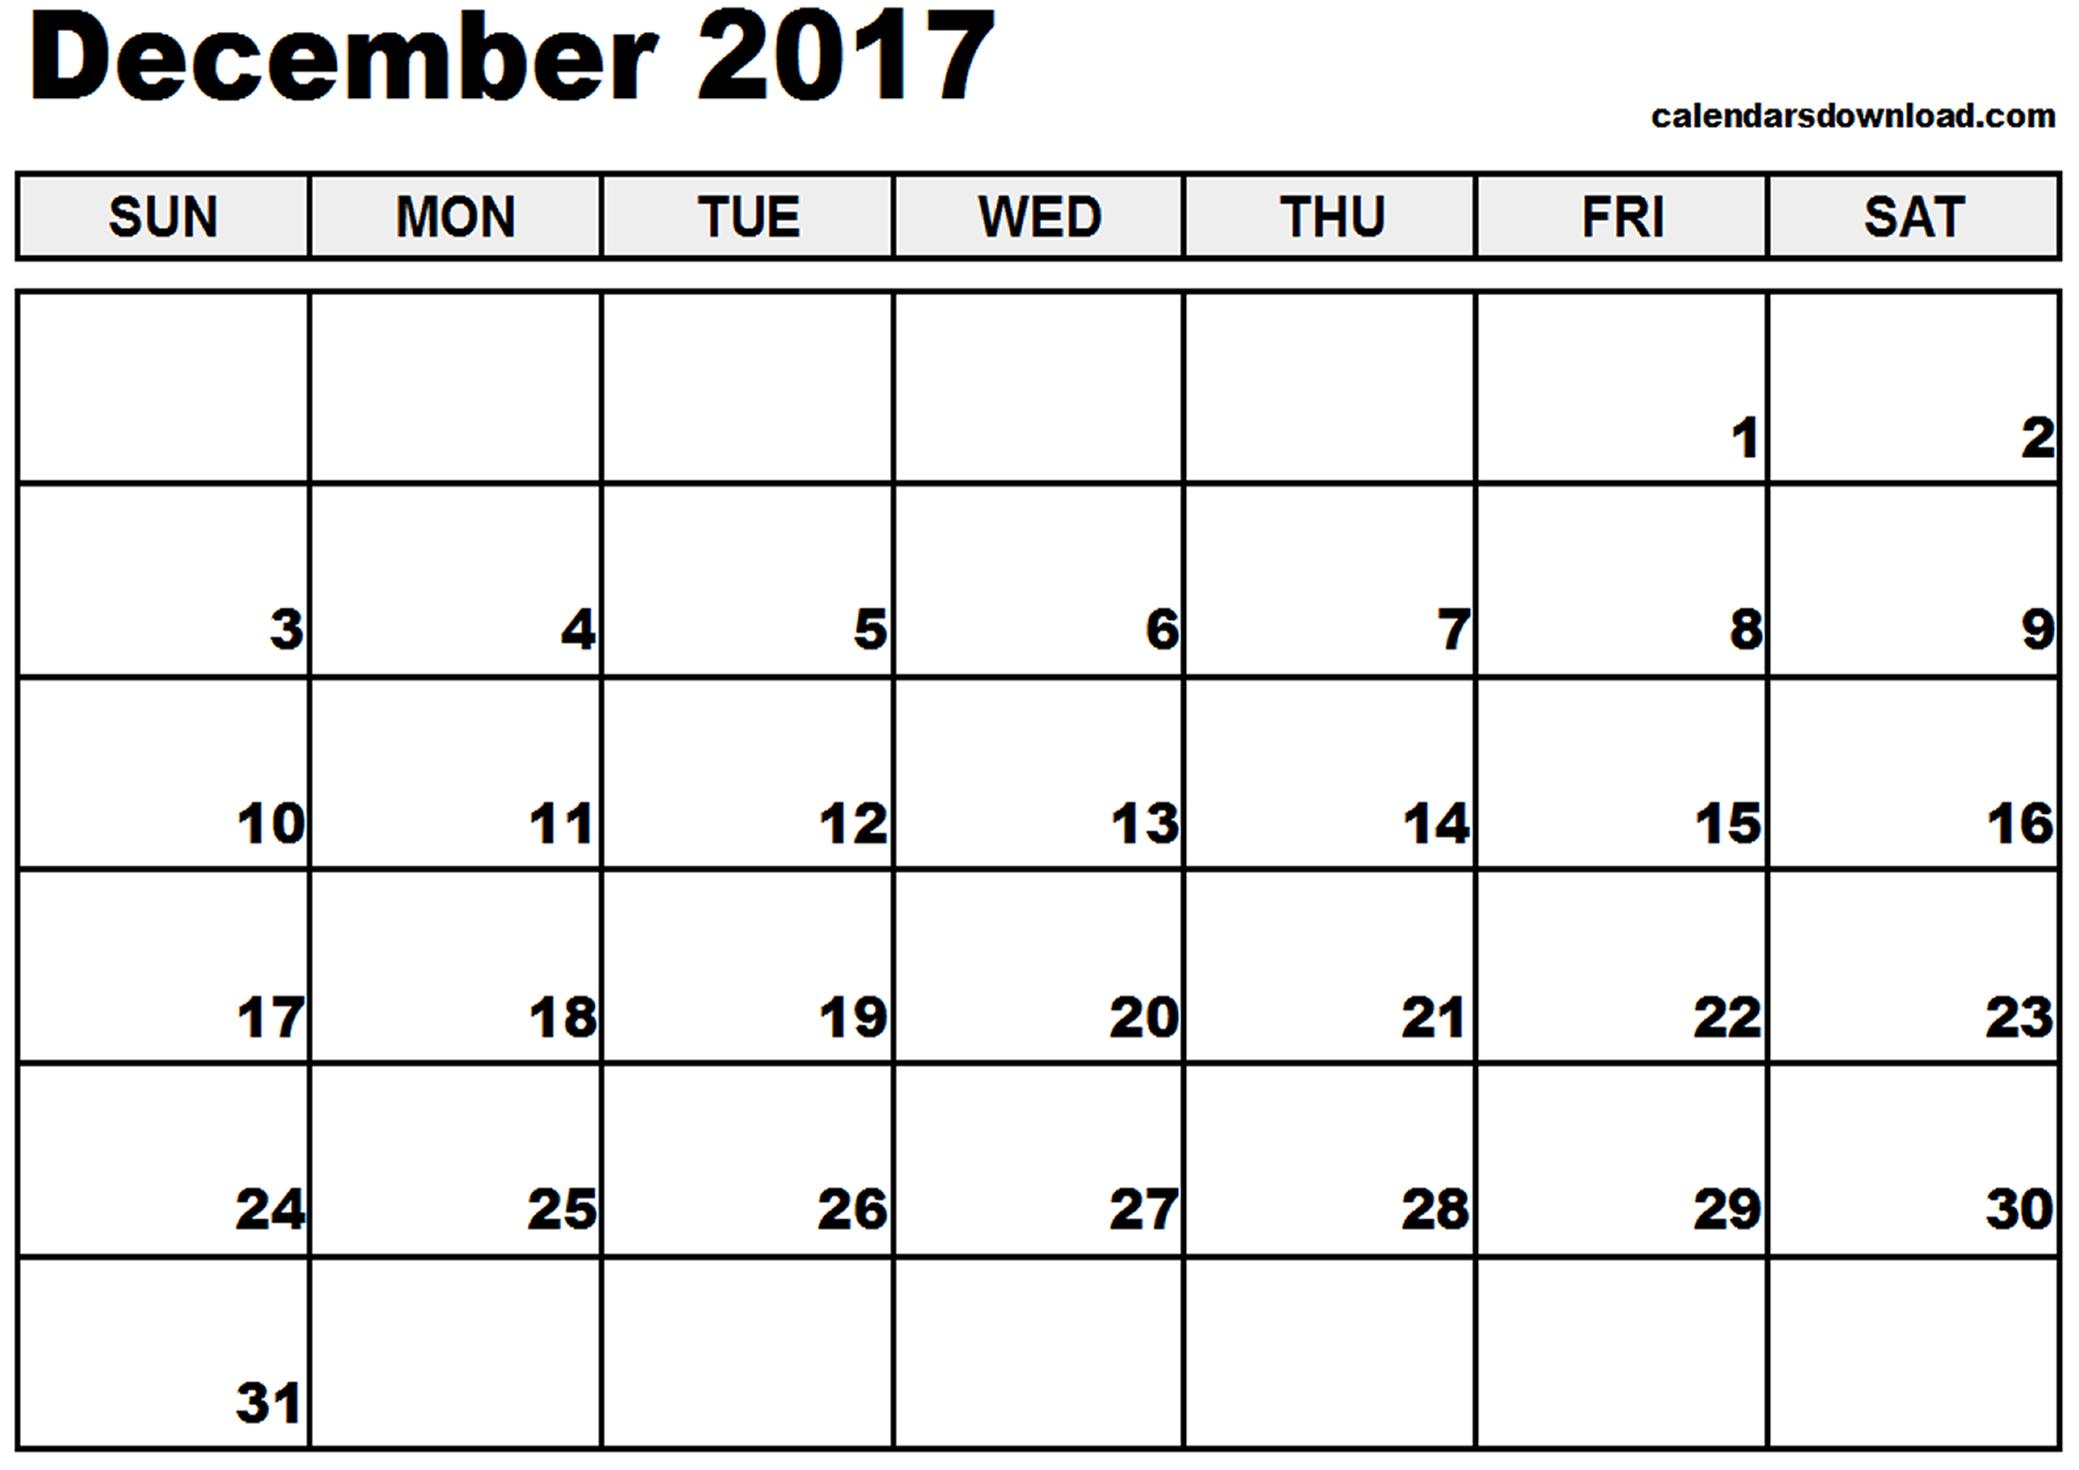 December 2017 Calendar Template | weekly calendar template